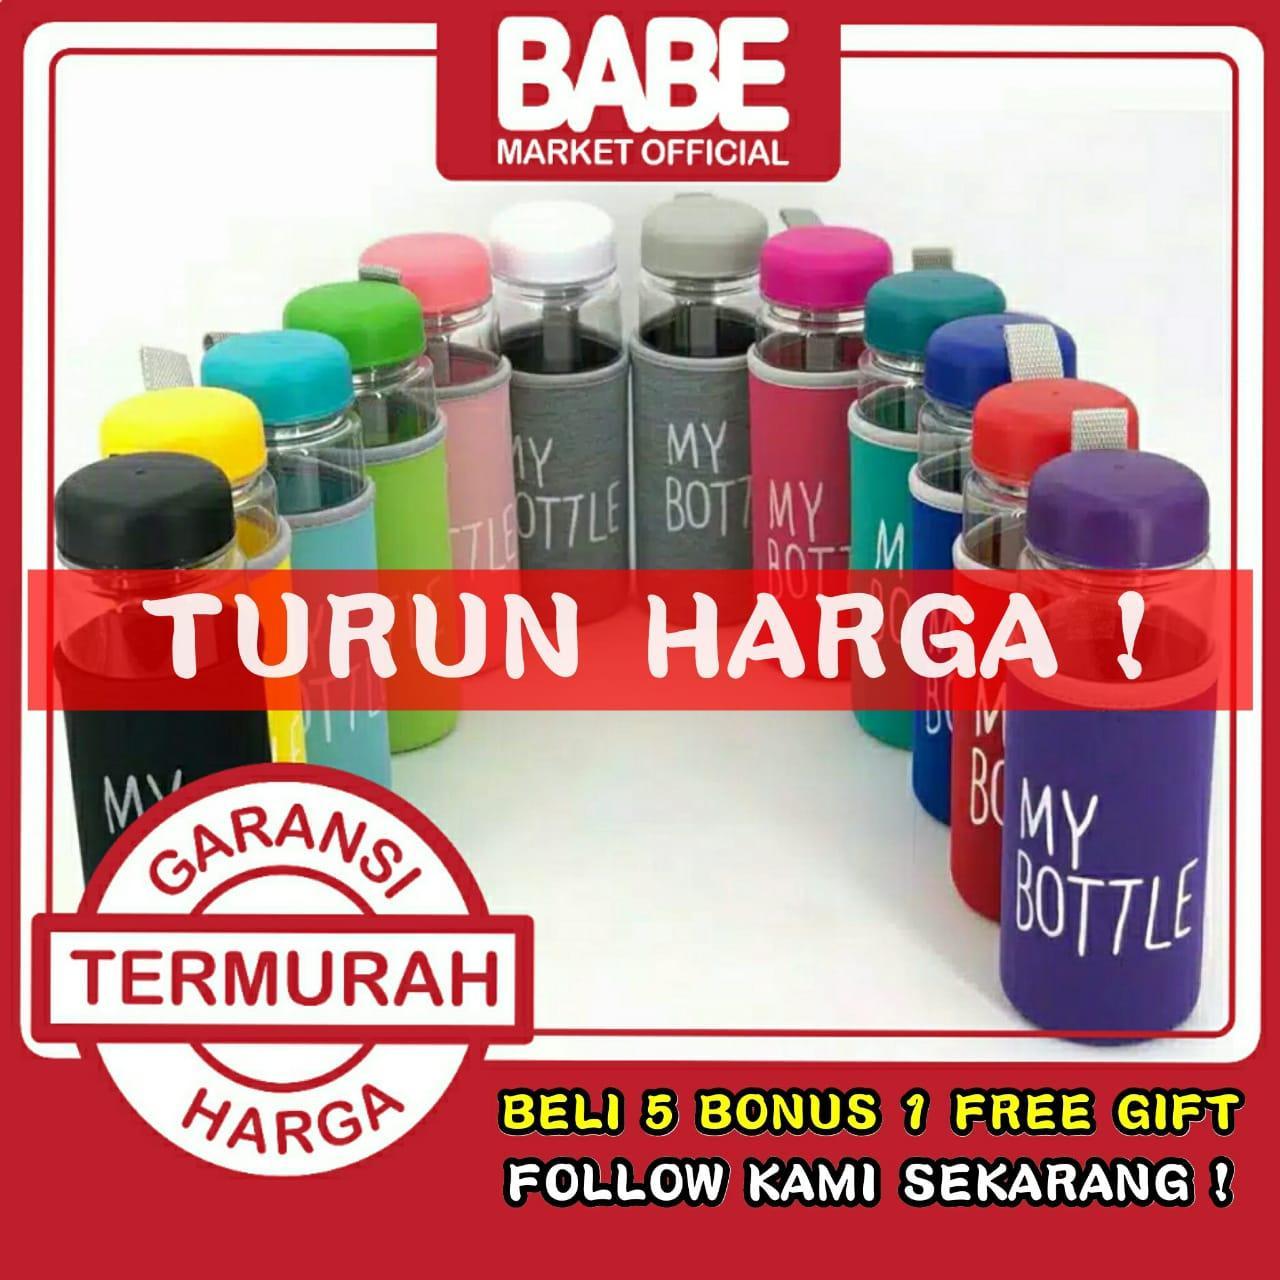 Babemarket - My Bottle Bening Berlogo Bpa Free Free Pouch Busa / My Bottle Bening Termurah By Babe.market.